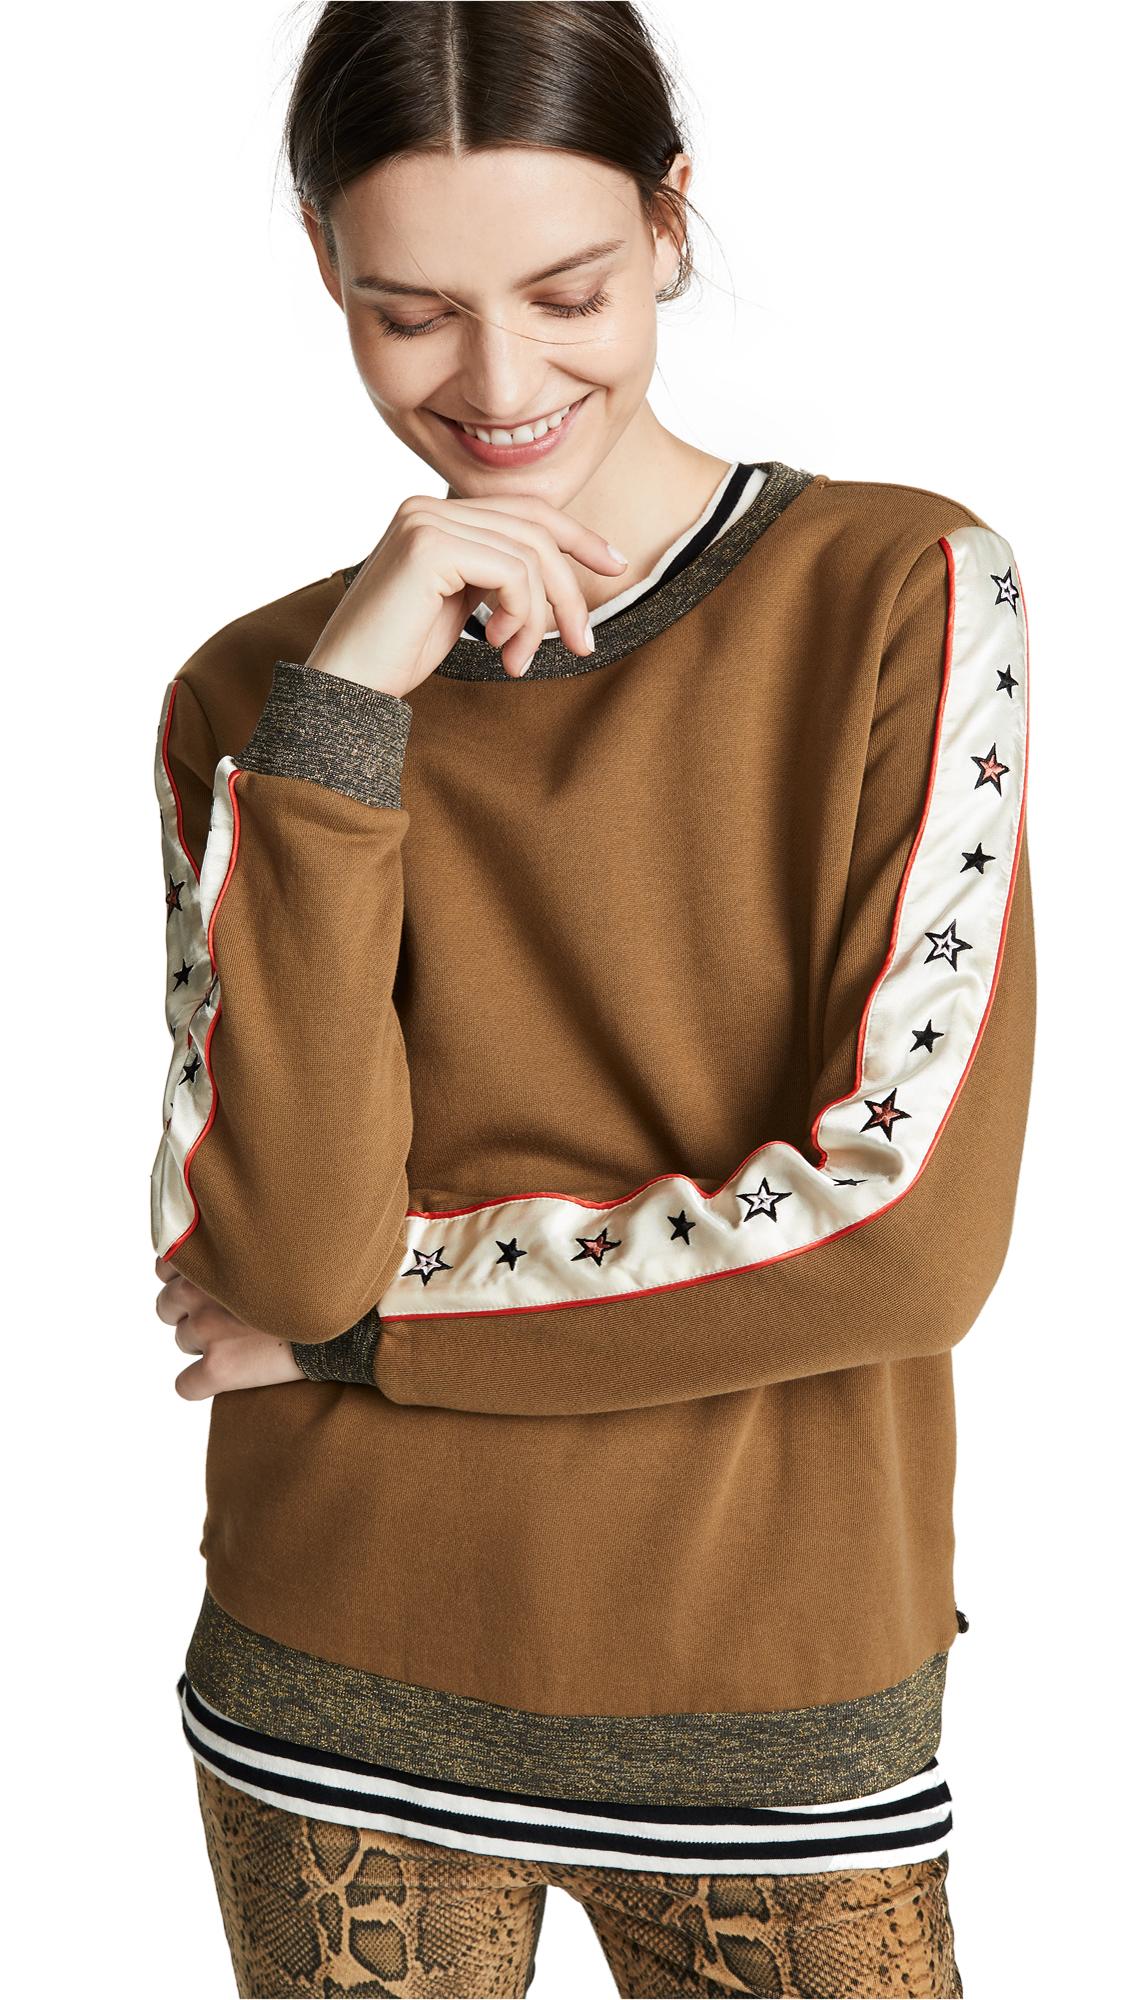 SCOTCH & SODA/MAISON SCOTCH Crew Neck Star Sweatshirt in Olive Leaf